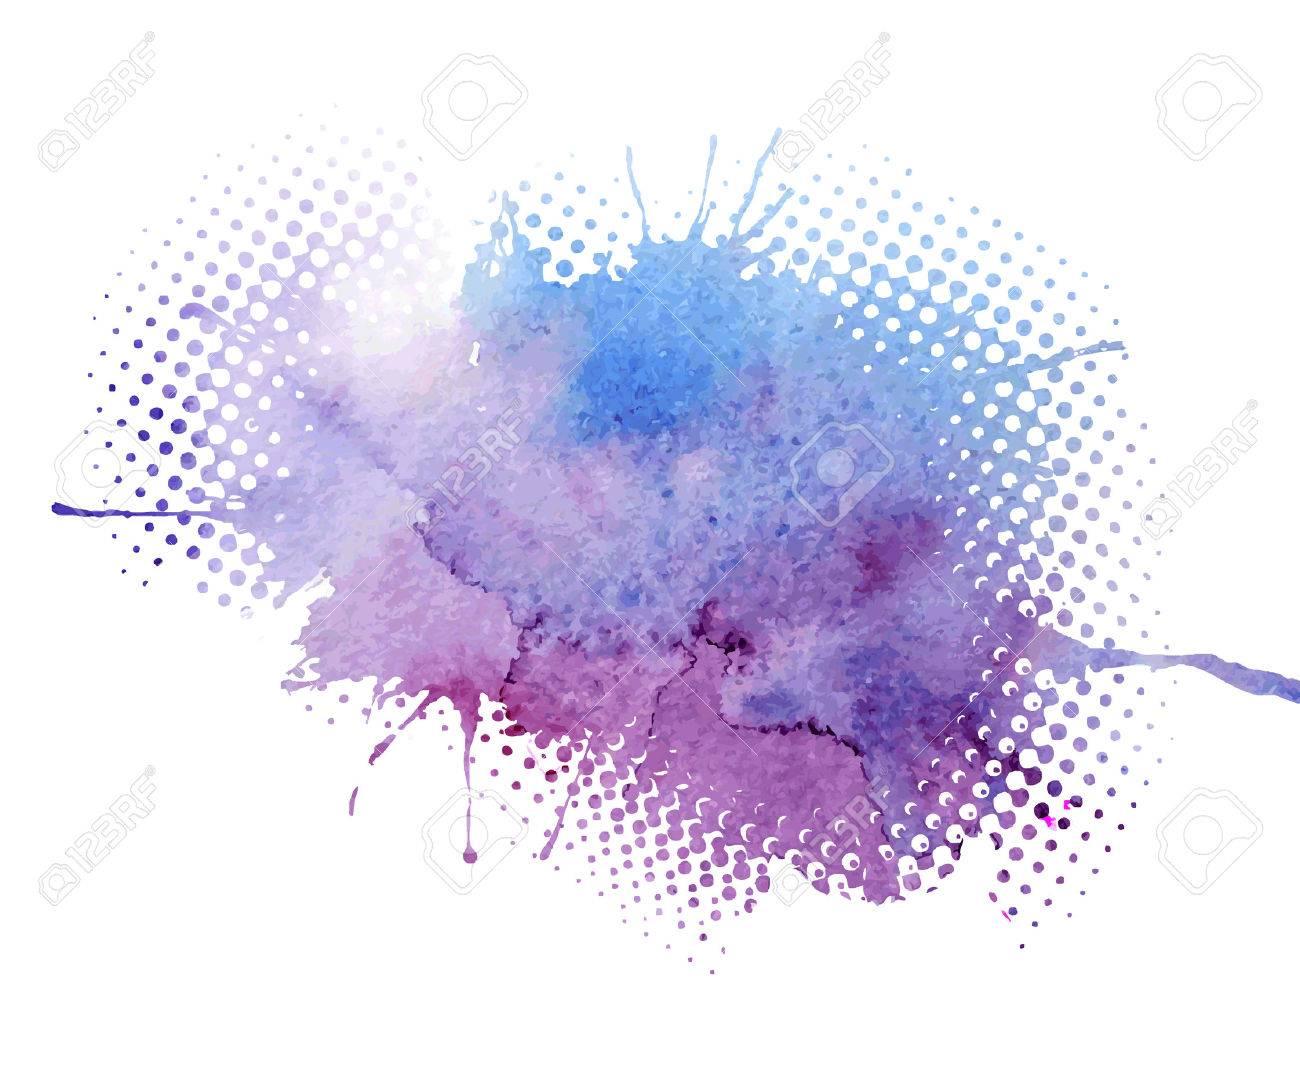 watercolor splash vector the death of watercolor splash